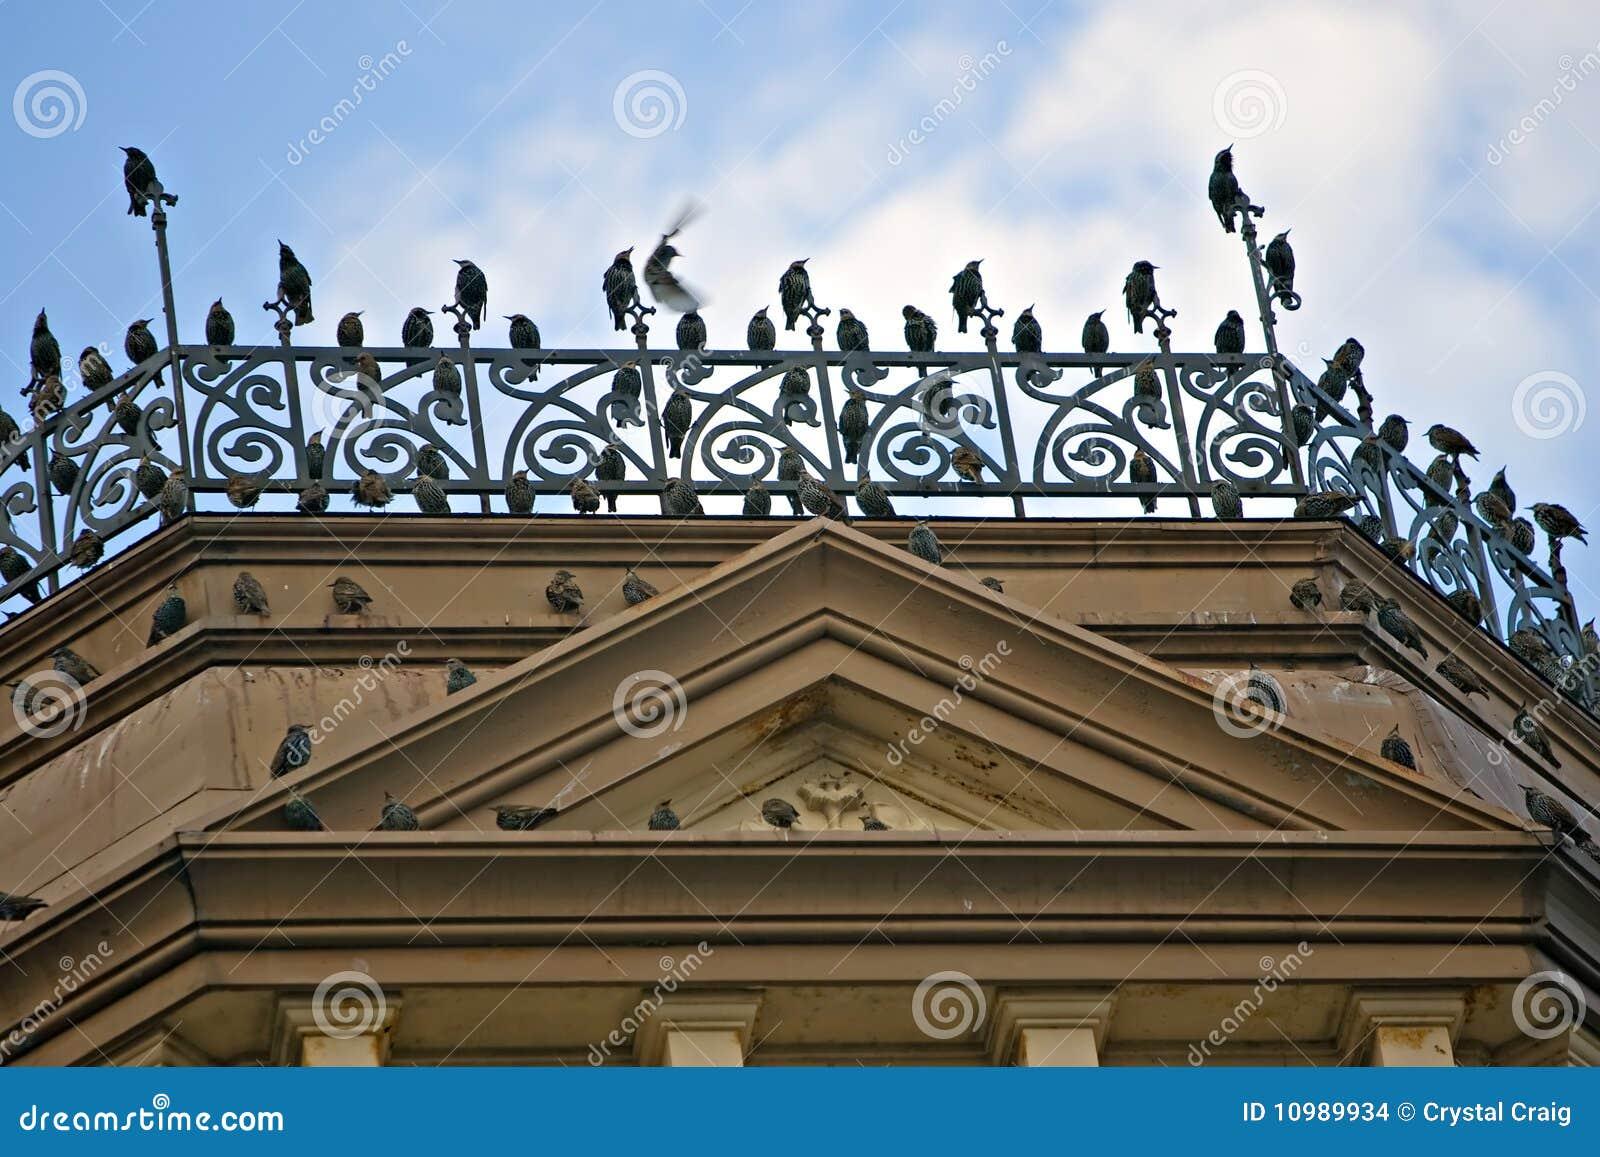 Vogels van een veerstok samen